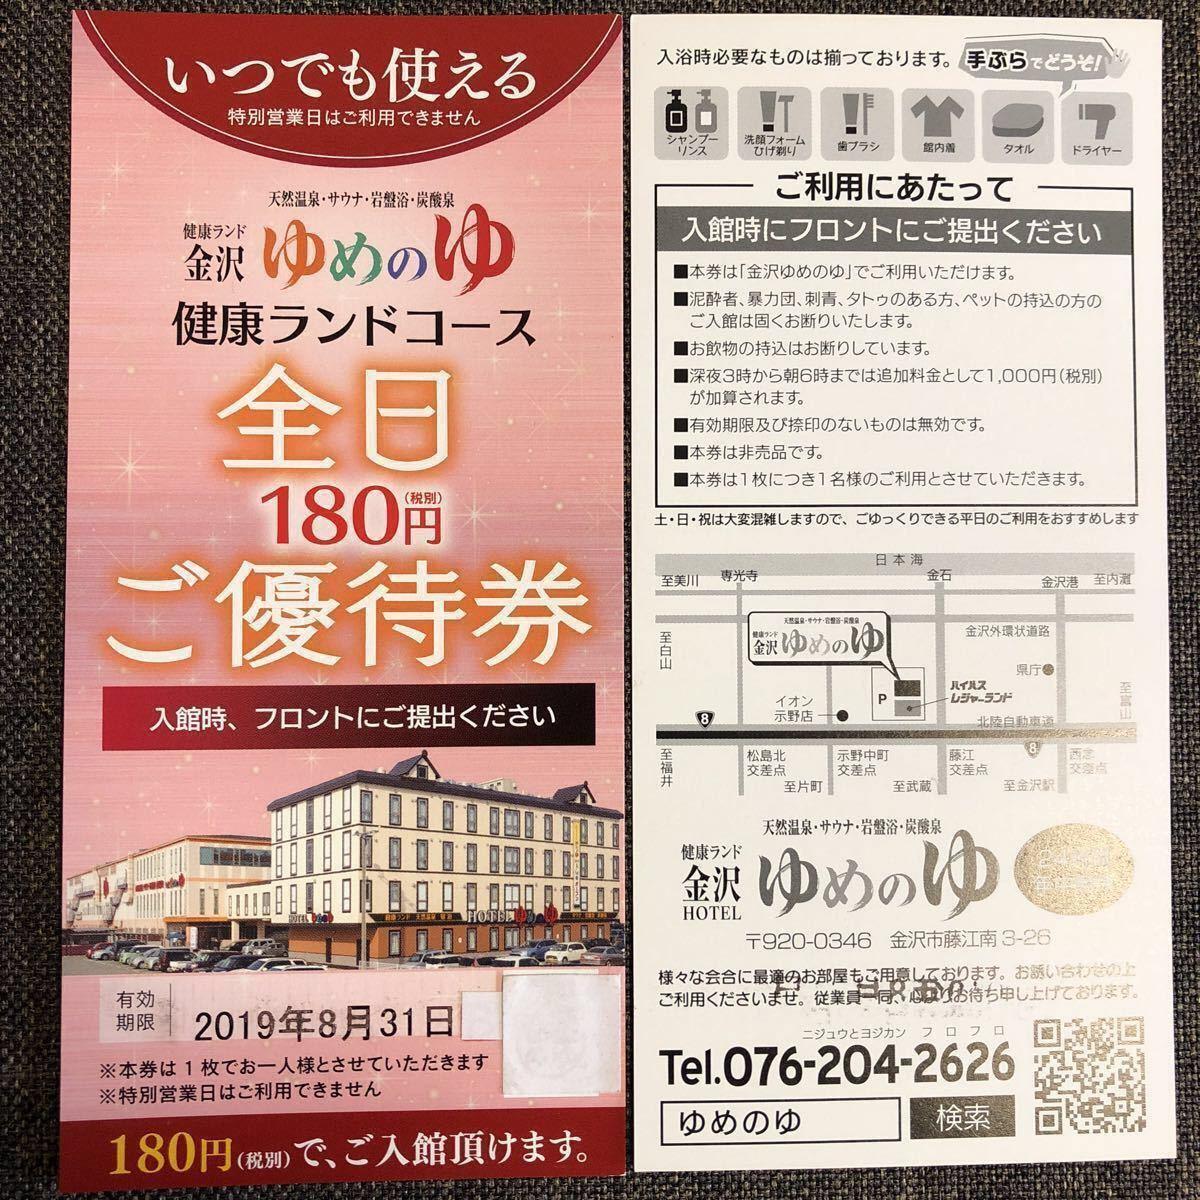 金沢 ゆめのゆ 全日入館ご優待券4枚組 ★即決特典あり★_画像2